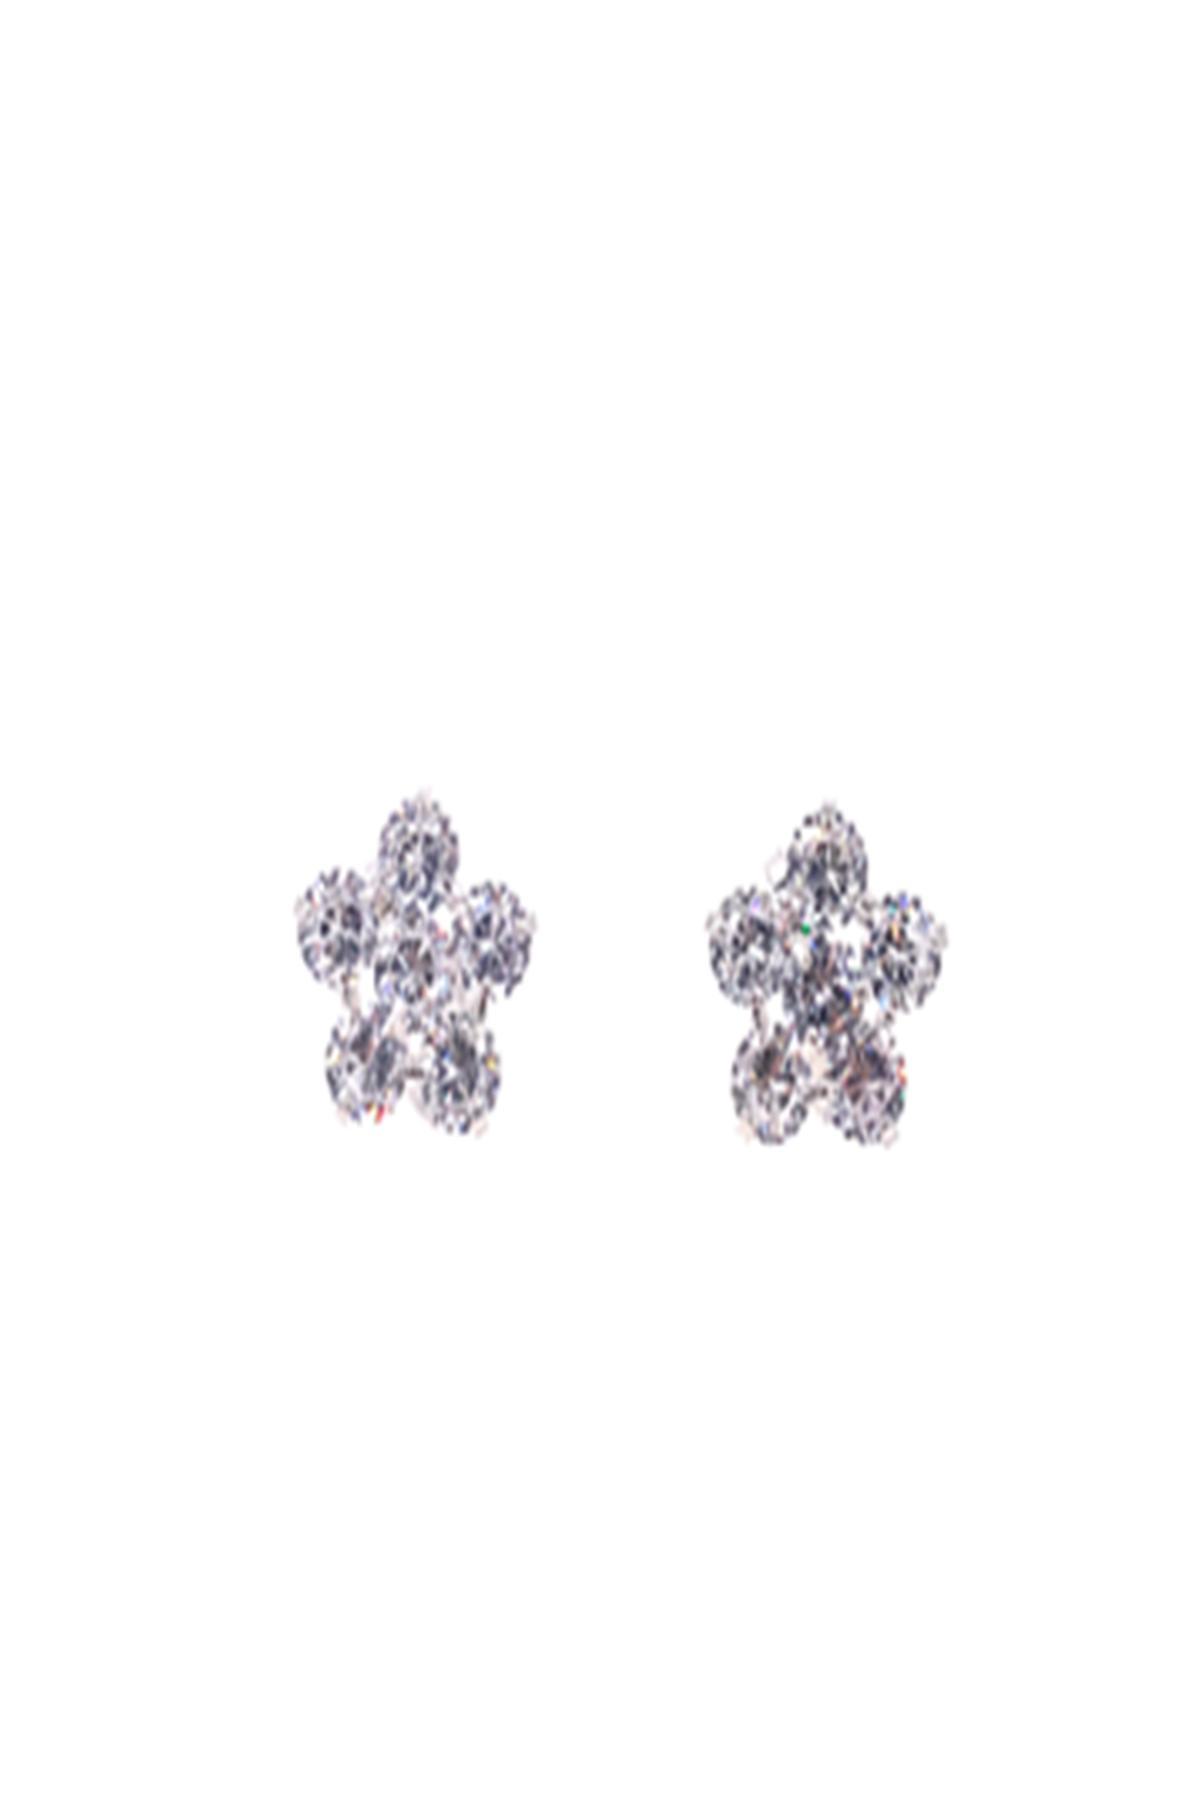 Boucles d'oreilles Accessoires Argent BELLISSIMA 103BO33 #c eFashion Paris